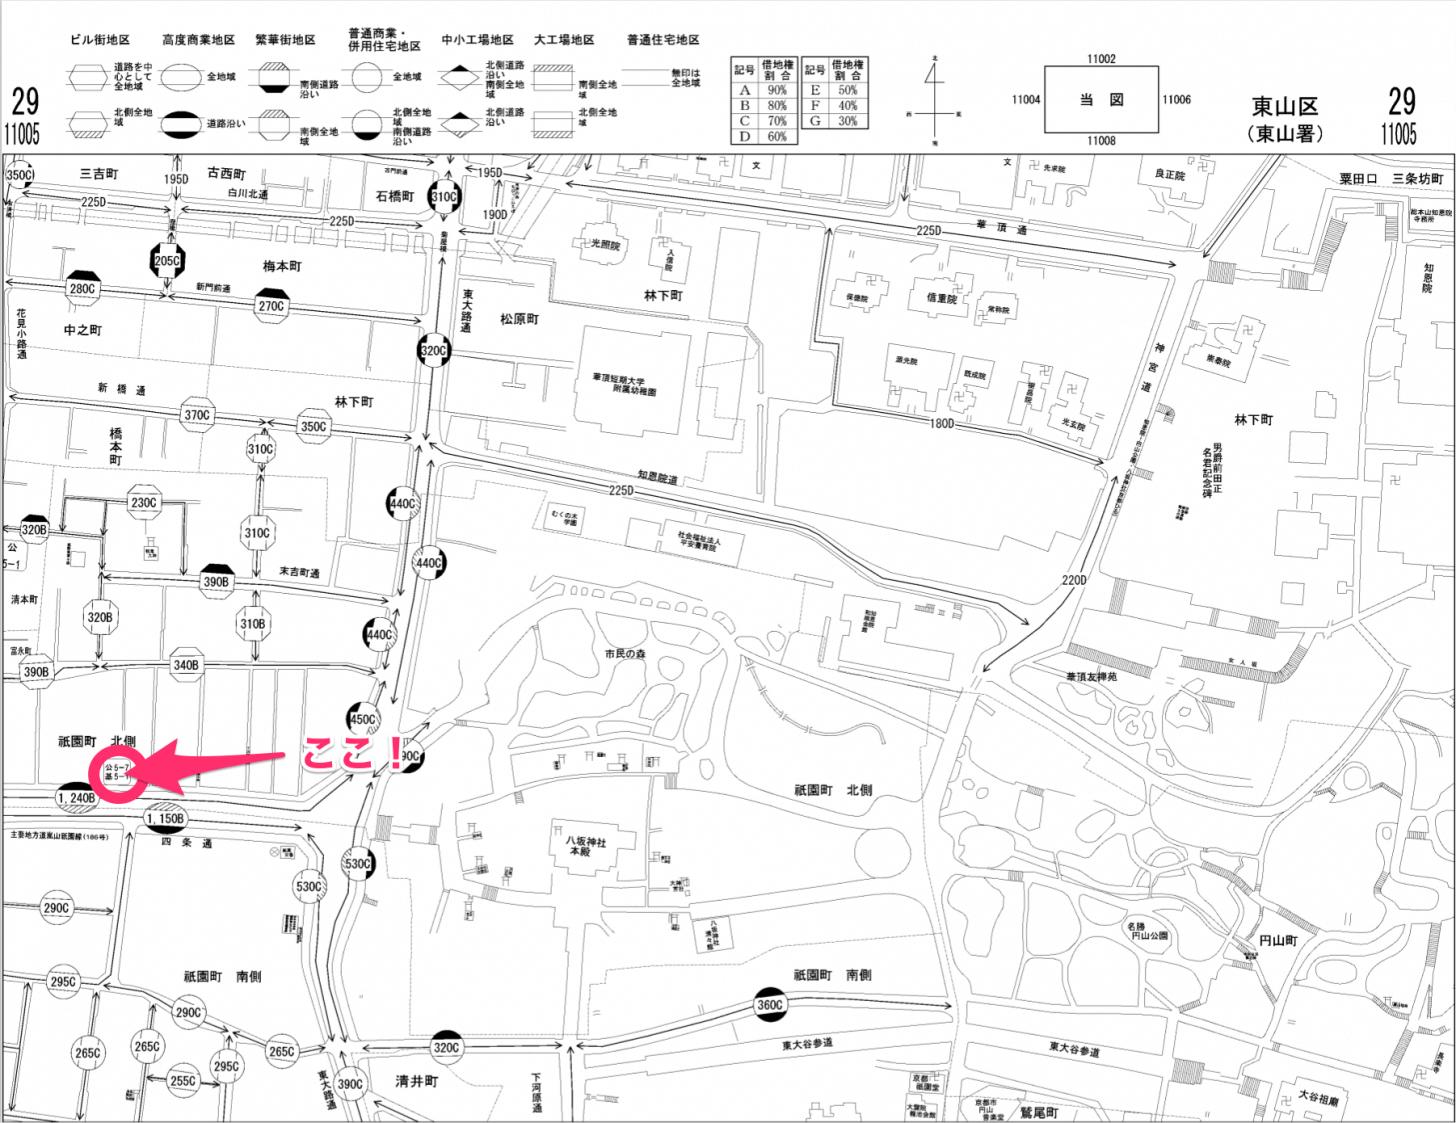 東山区祇園町北側277番地の路線価図